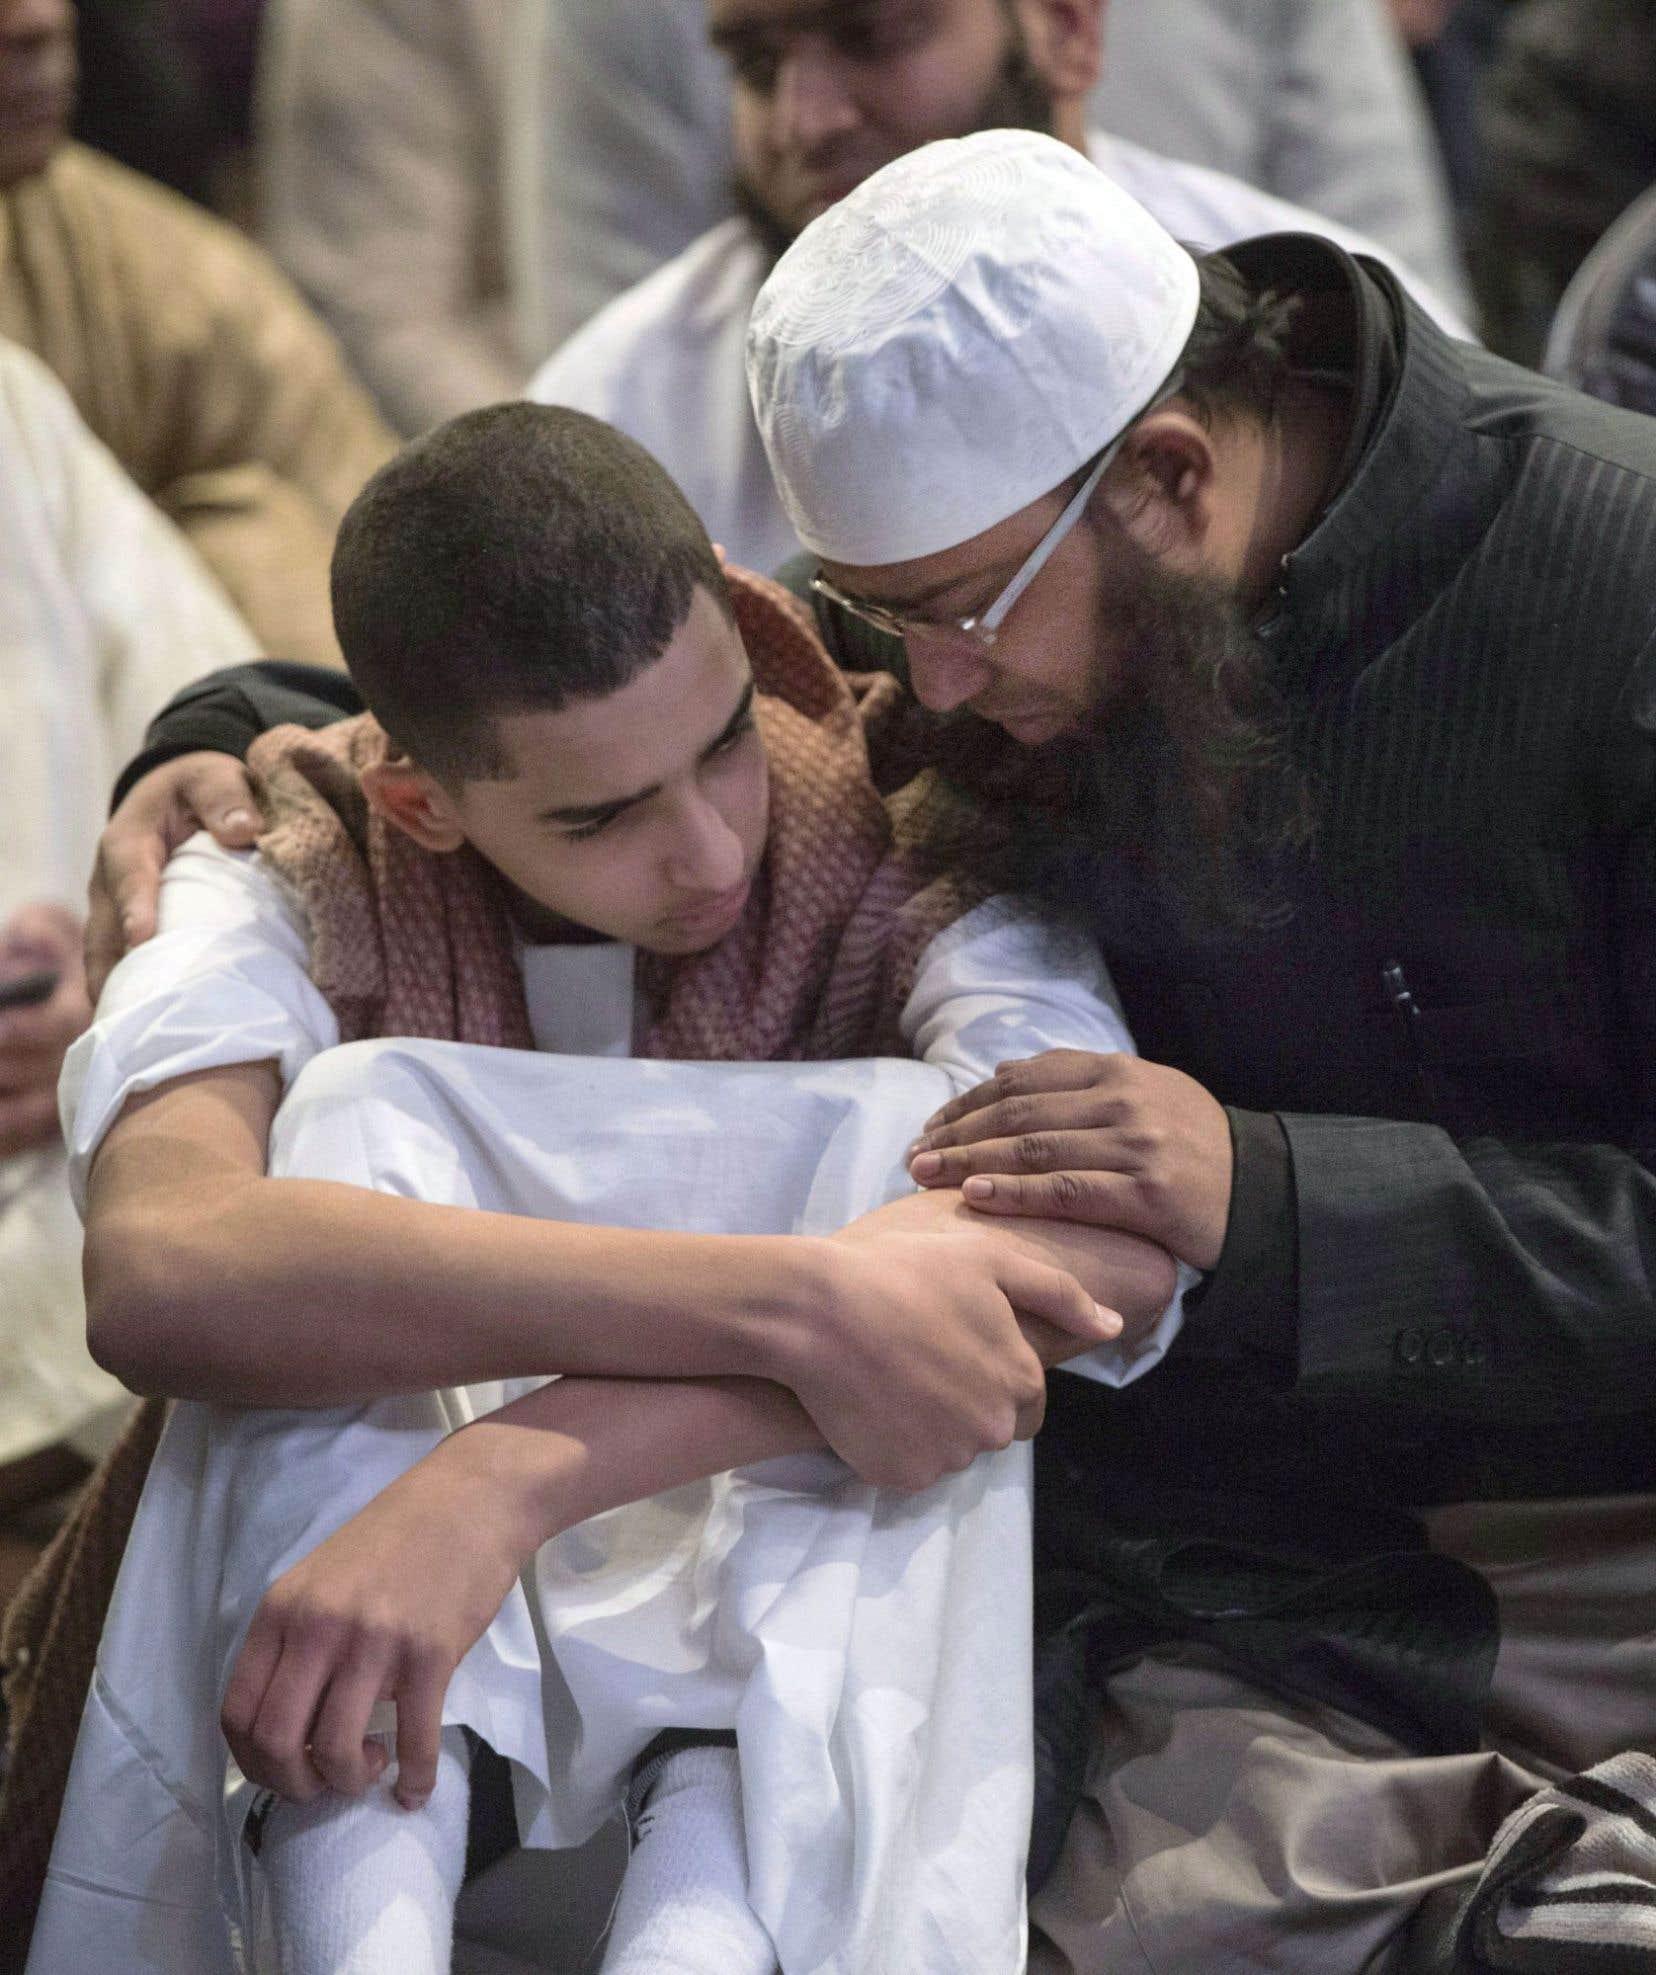 La tragédie de la grande mosquée de Québec a révélé la difficulté des immigrants à vivre leur deuil selon leurs propres rites funéraires.